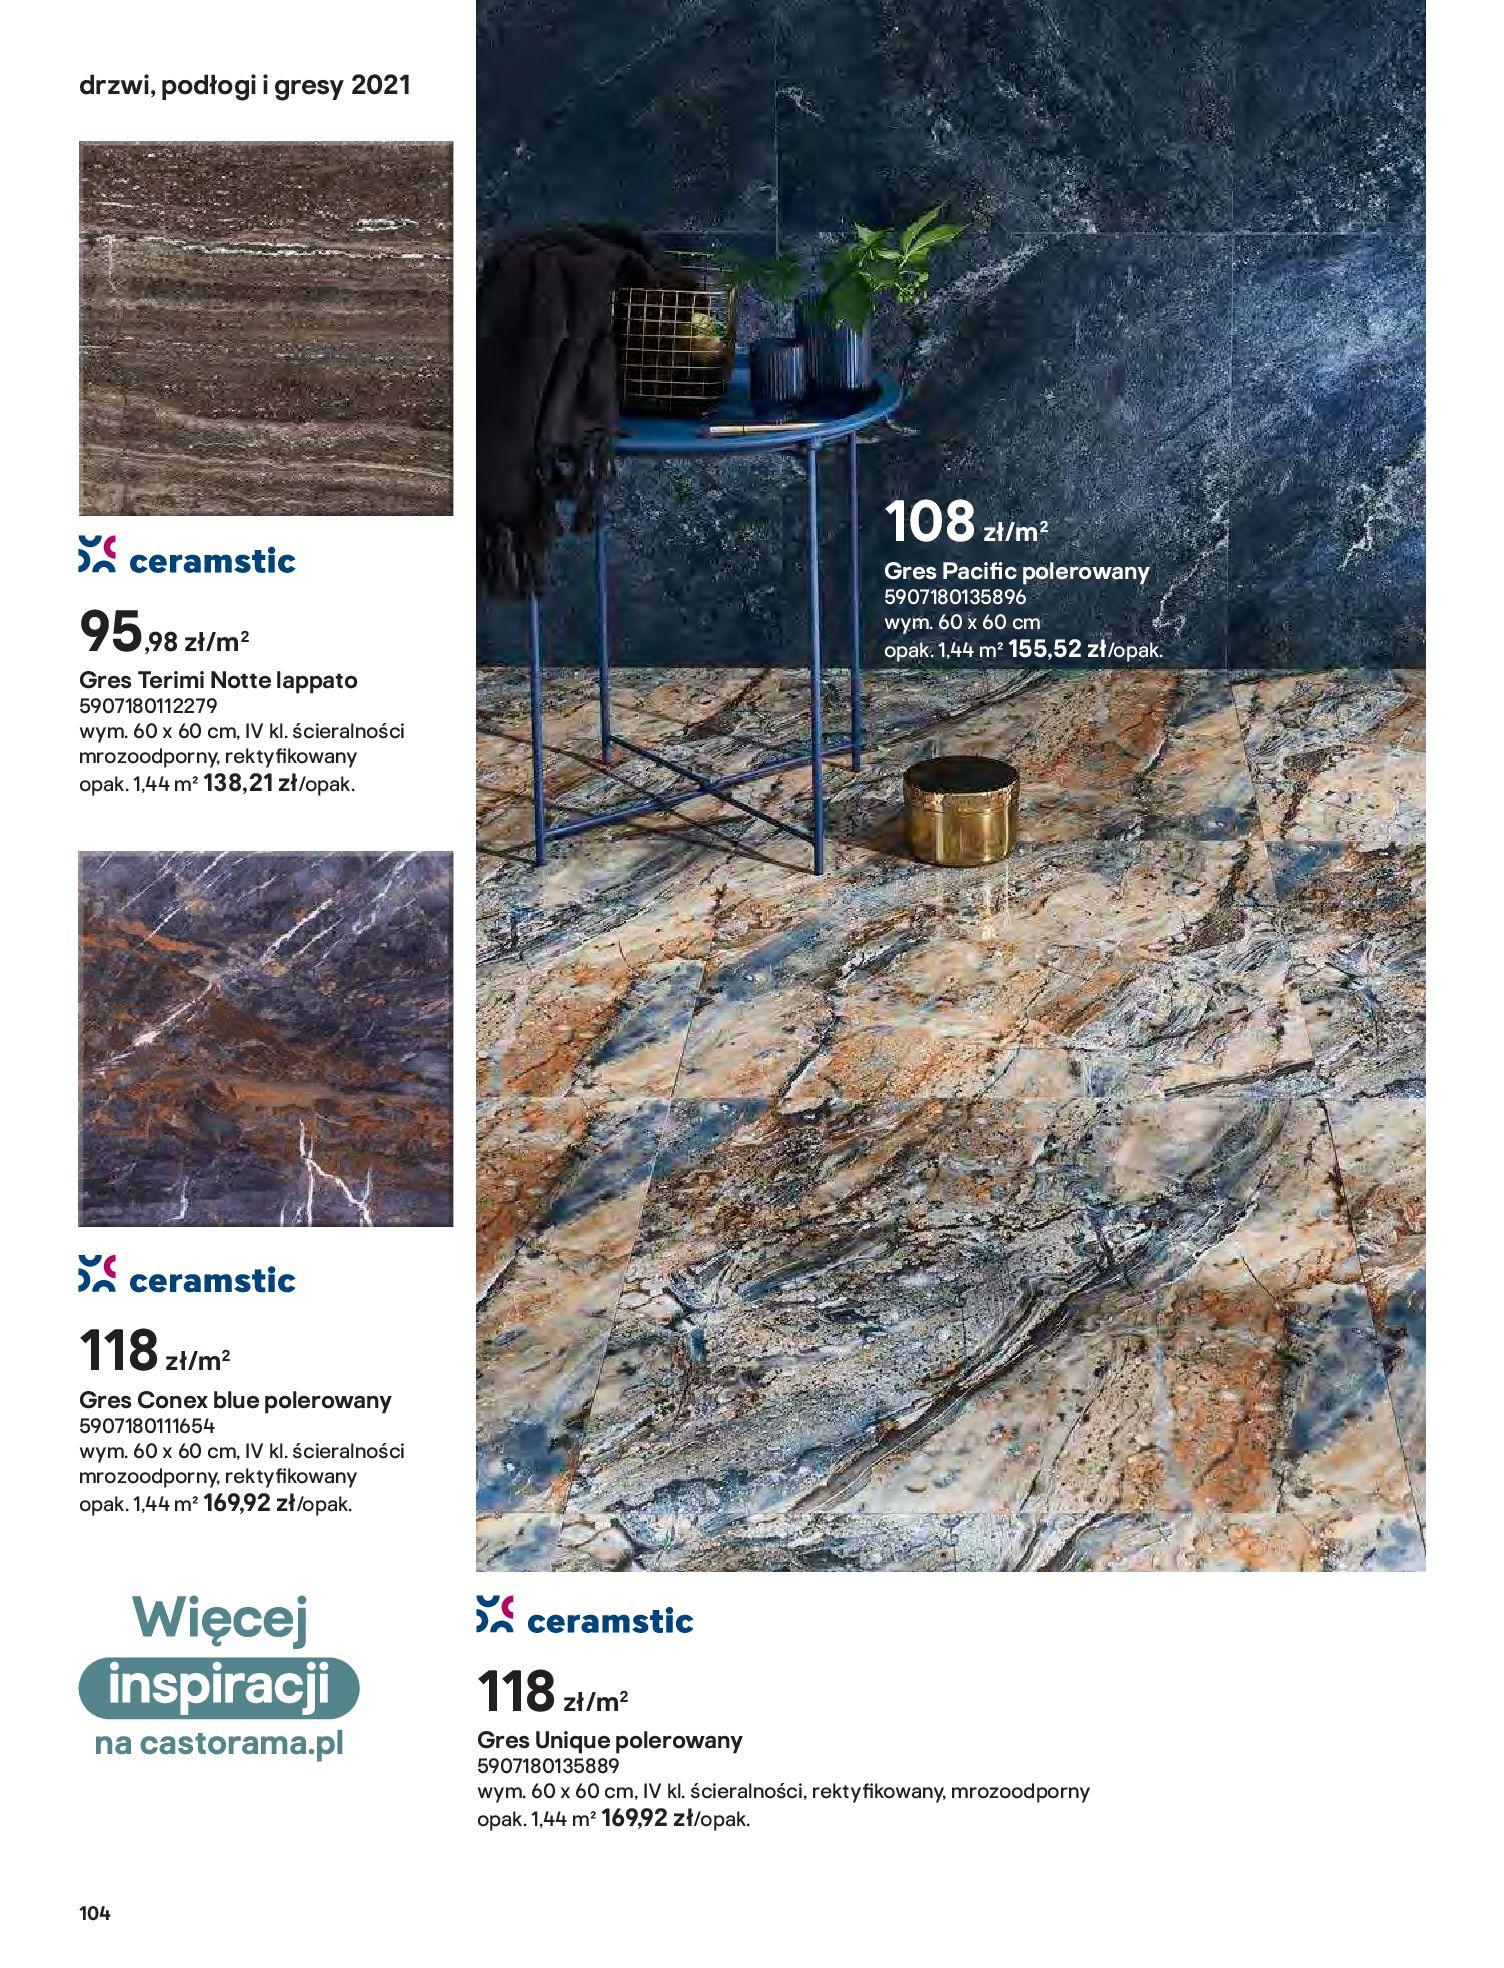 Gazetka Castorama: Gazetka Castorama - Przewodnik drzwi i podłogi 2021 2021-08-11 page-104